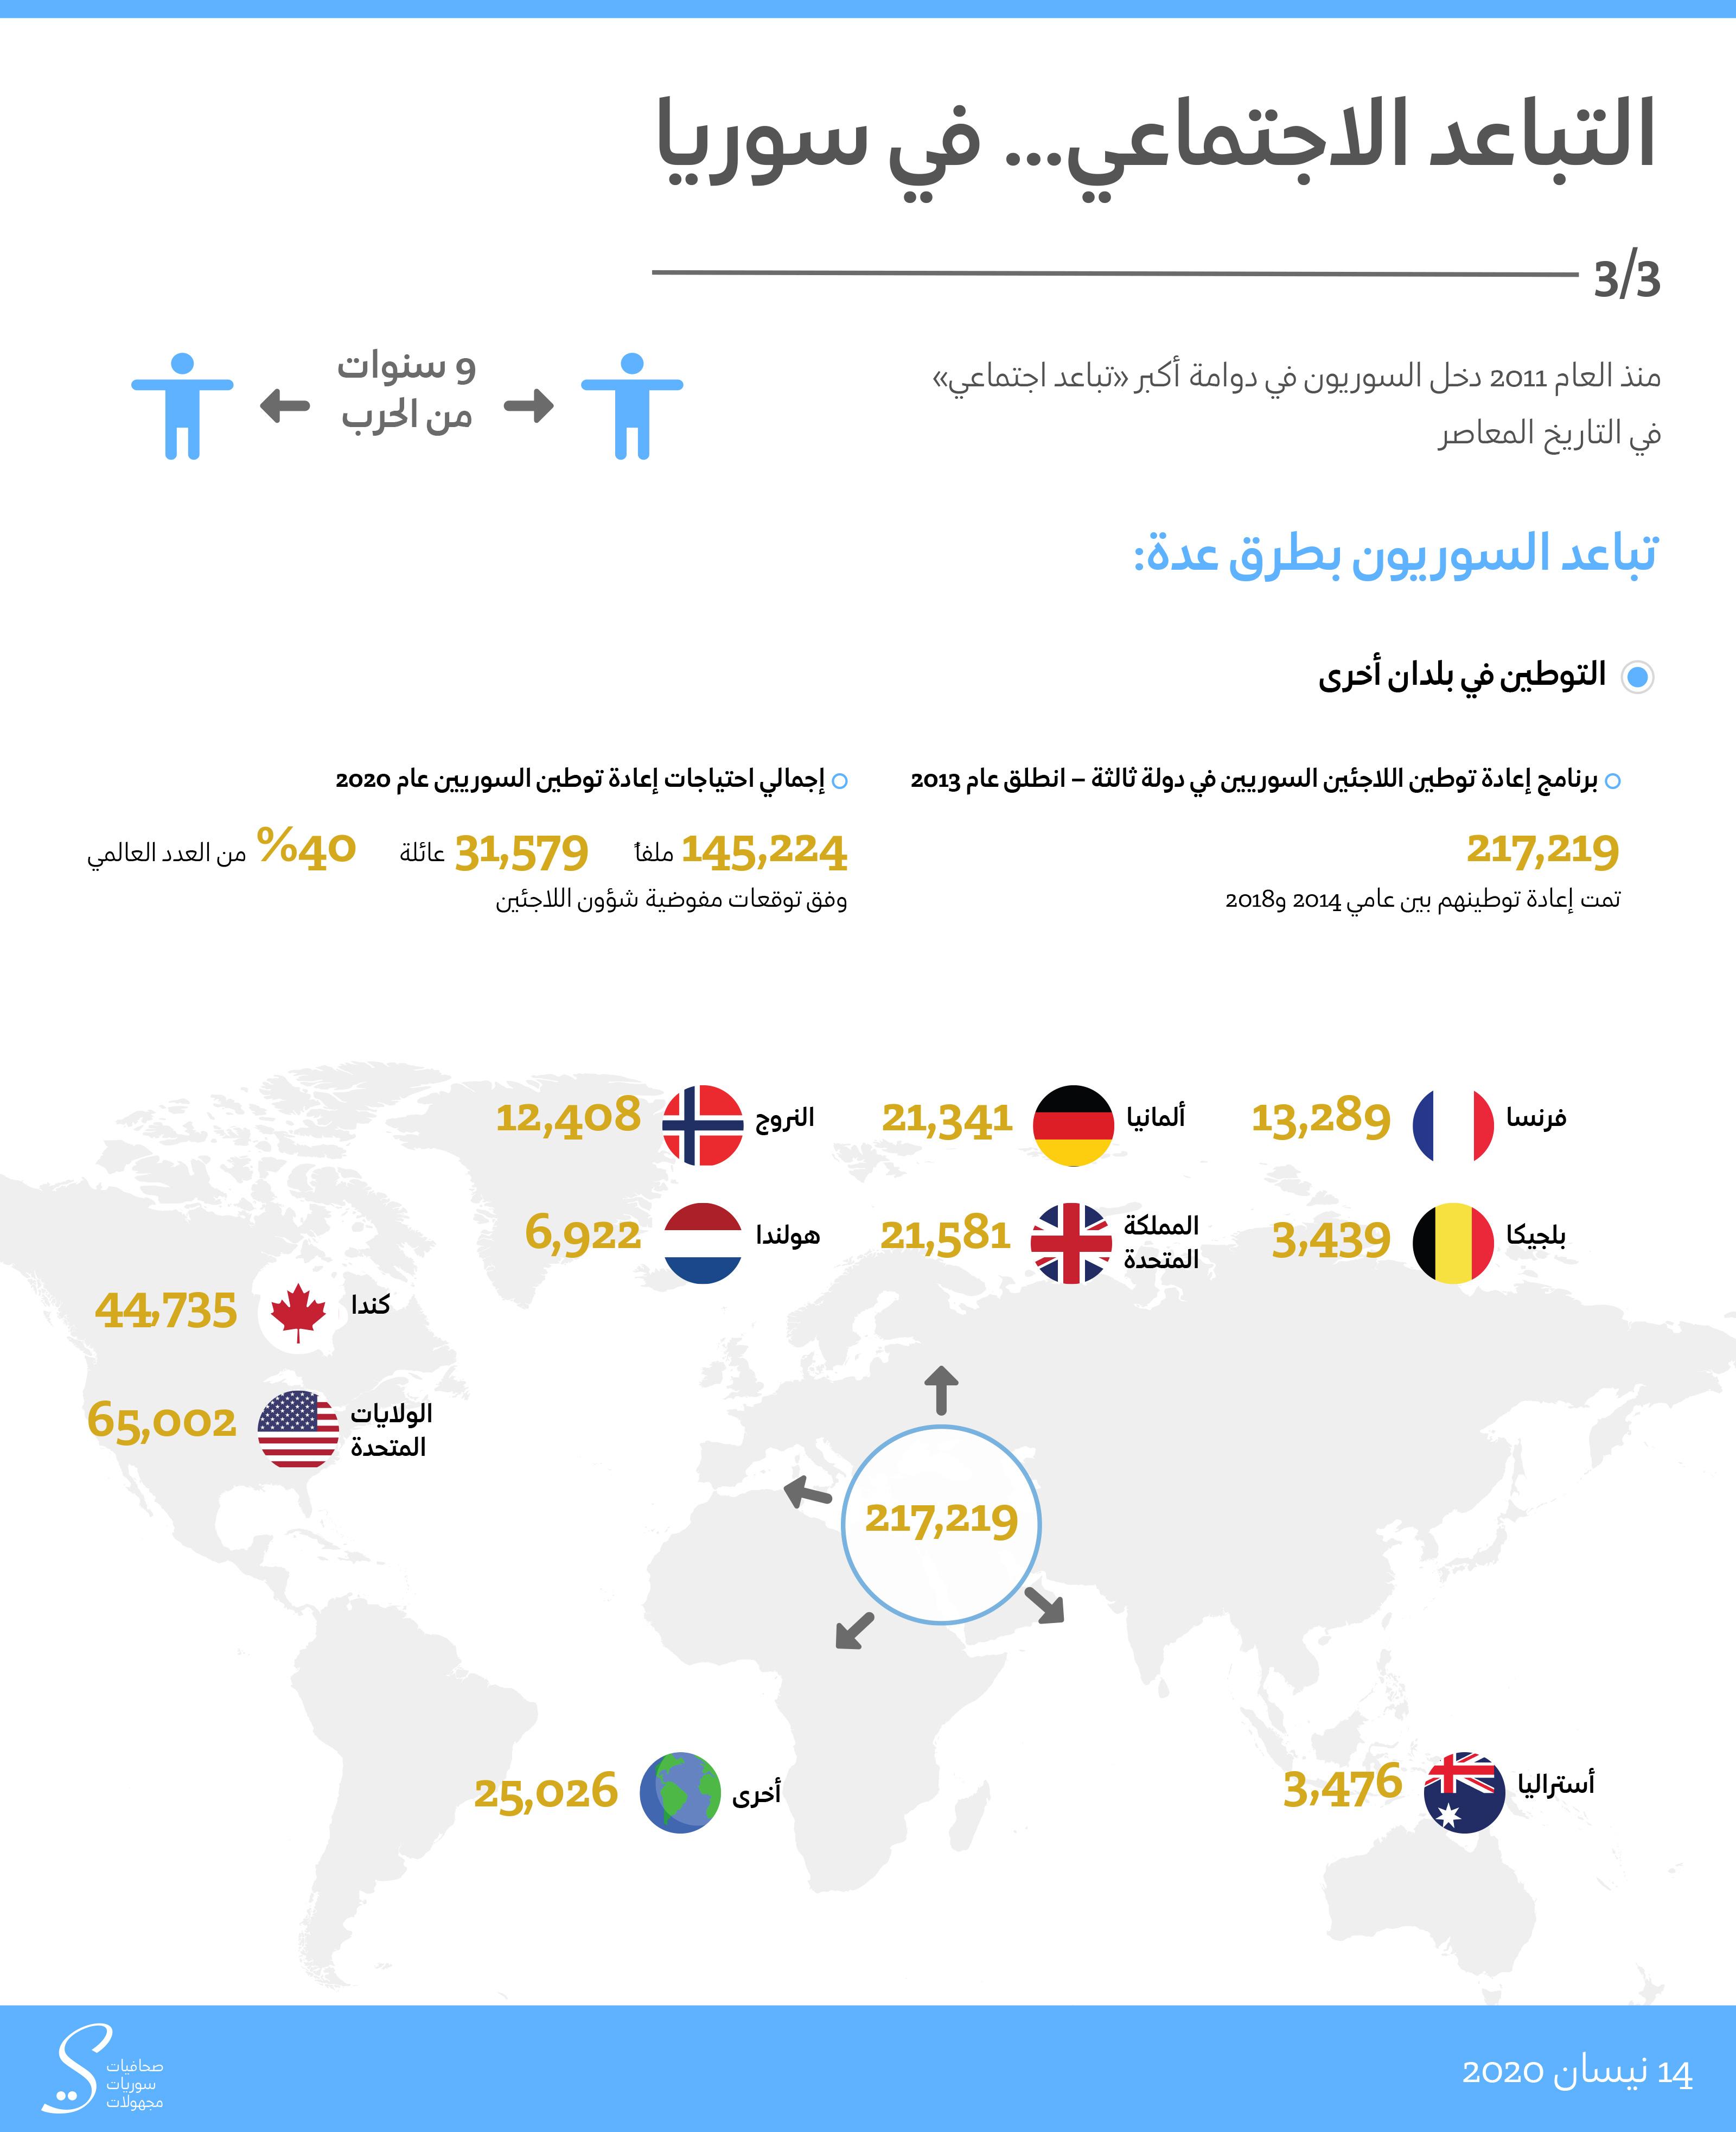 التباعد الاجتماعي … في سوريا | التوطين في بلدان أخرى